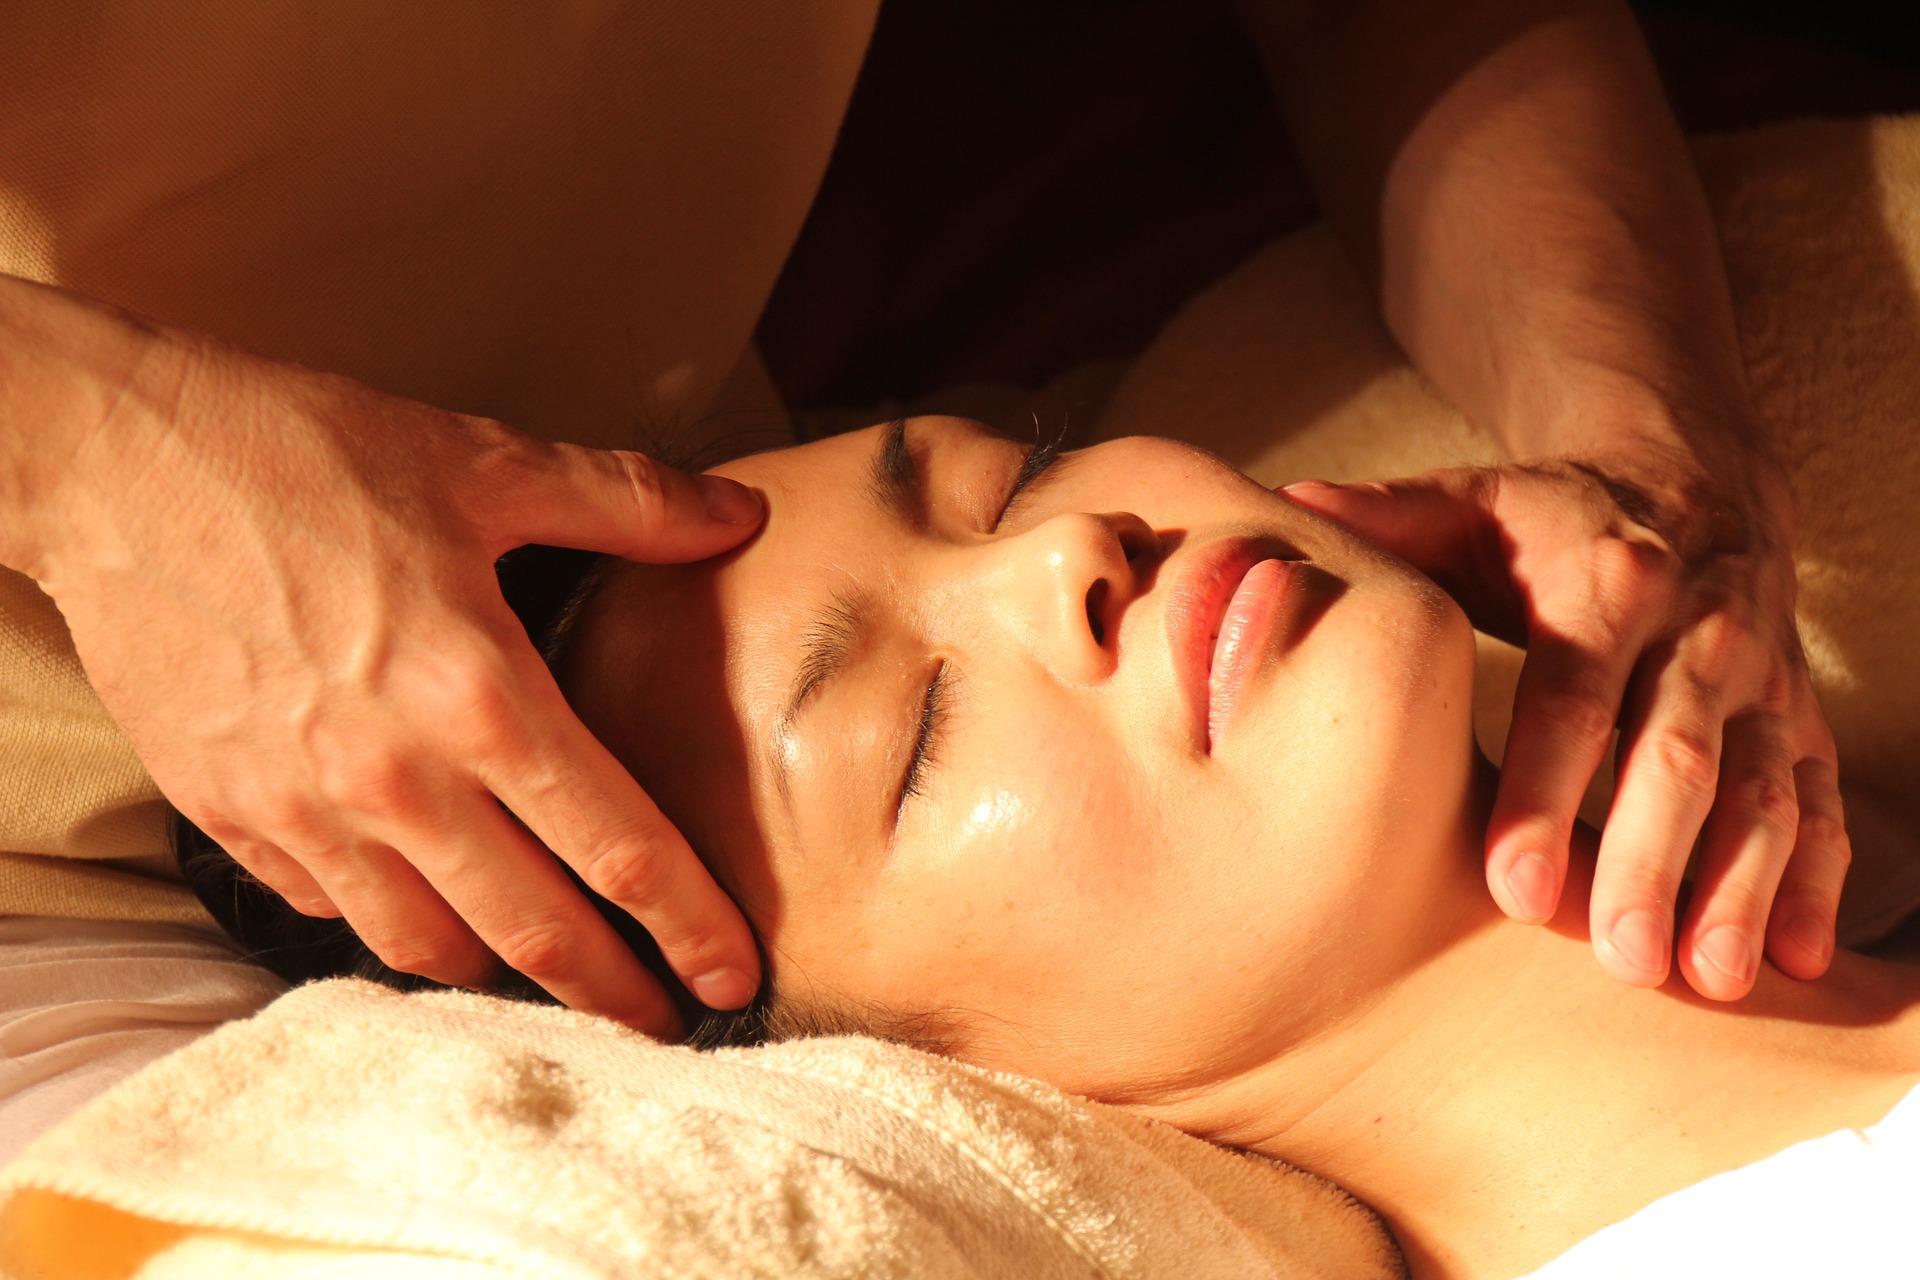 Bild: pixabay - massage - by KaiMinao - 1929064_1920